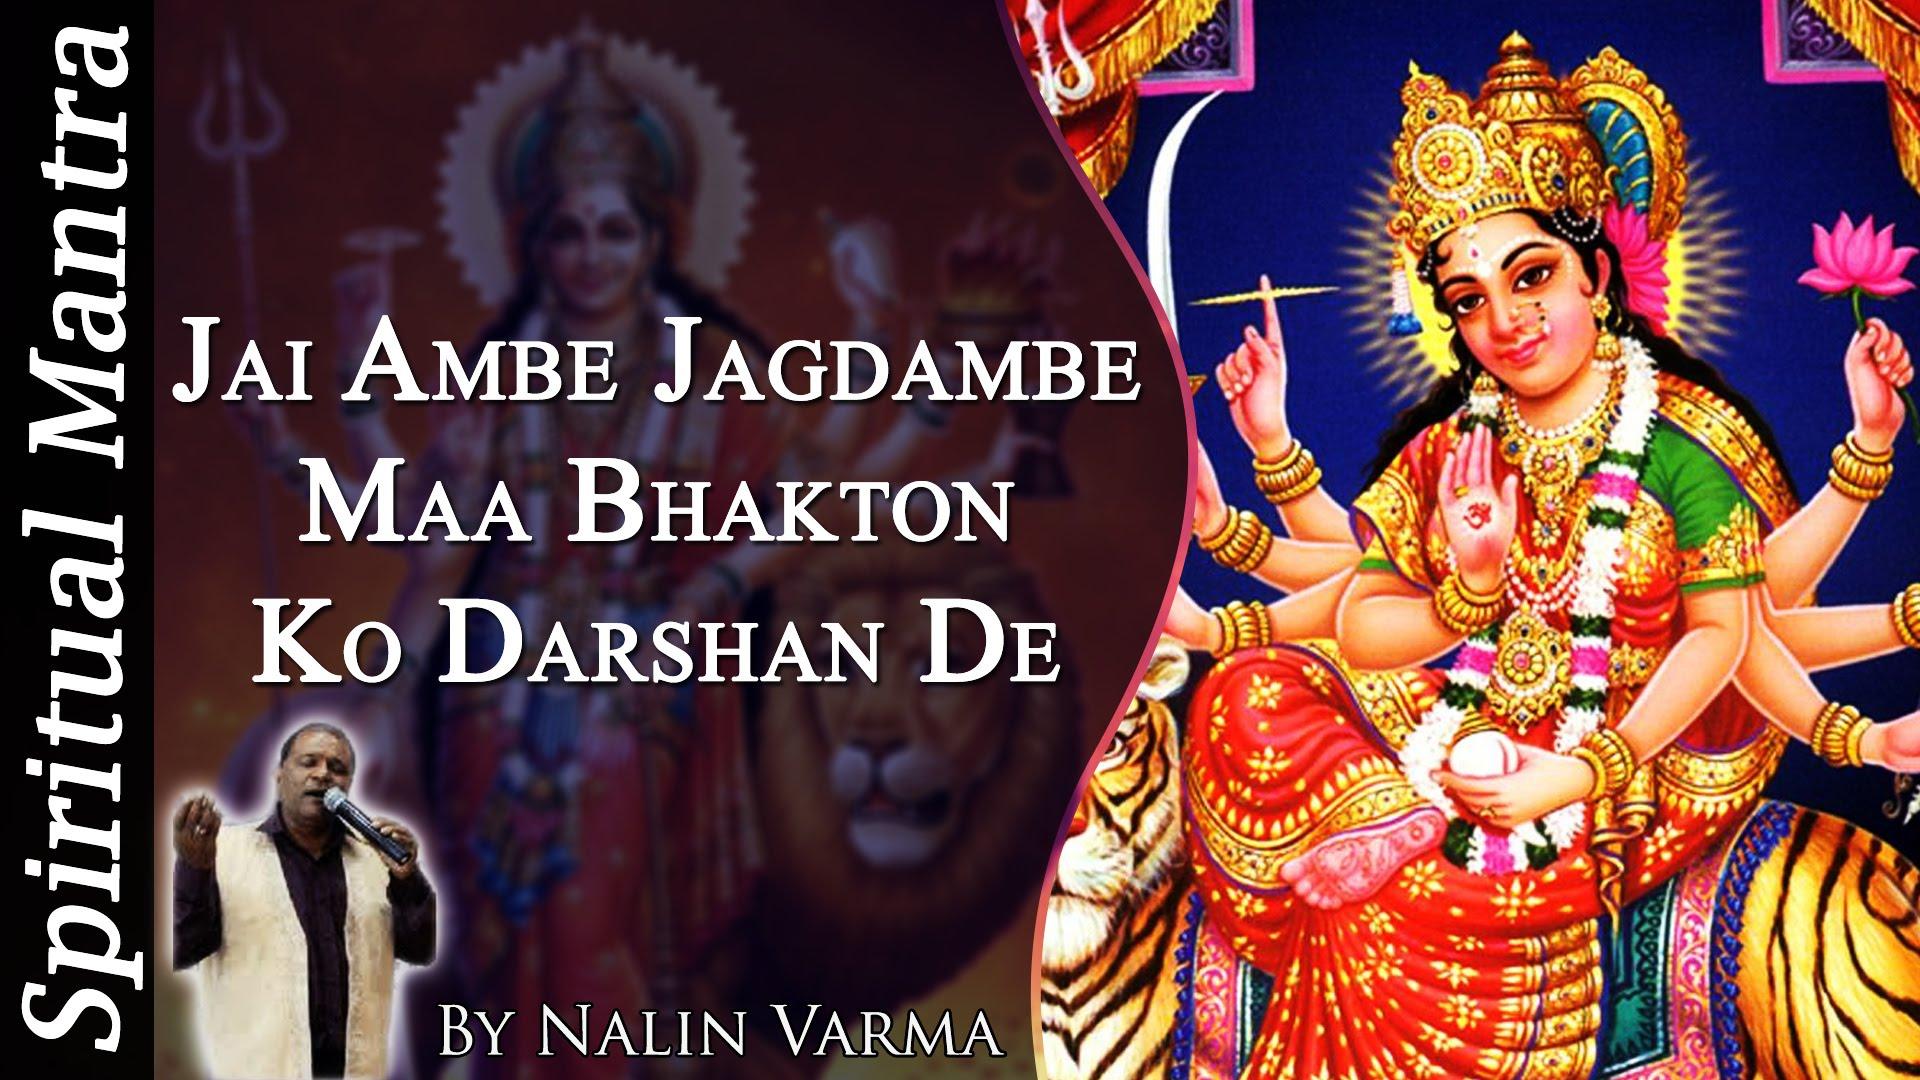 Bhakto Ko Darshan De Gayi Song Lyrics